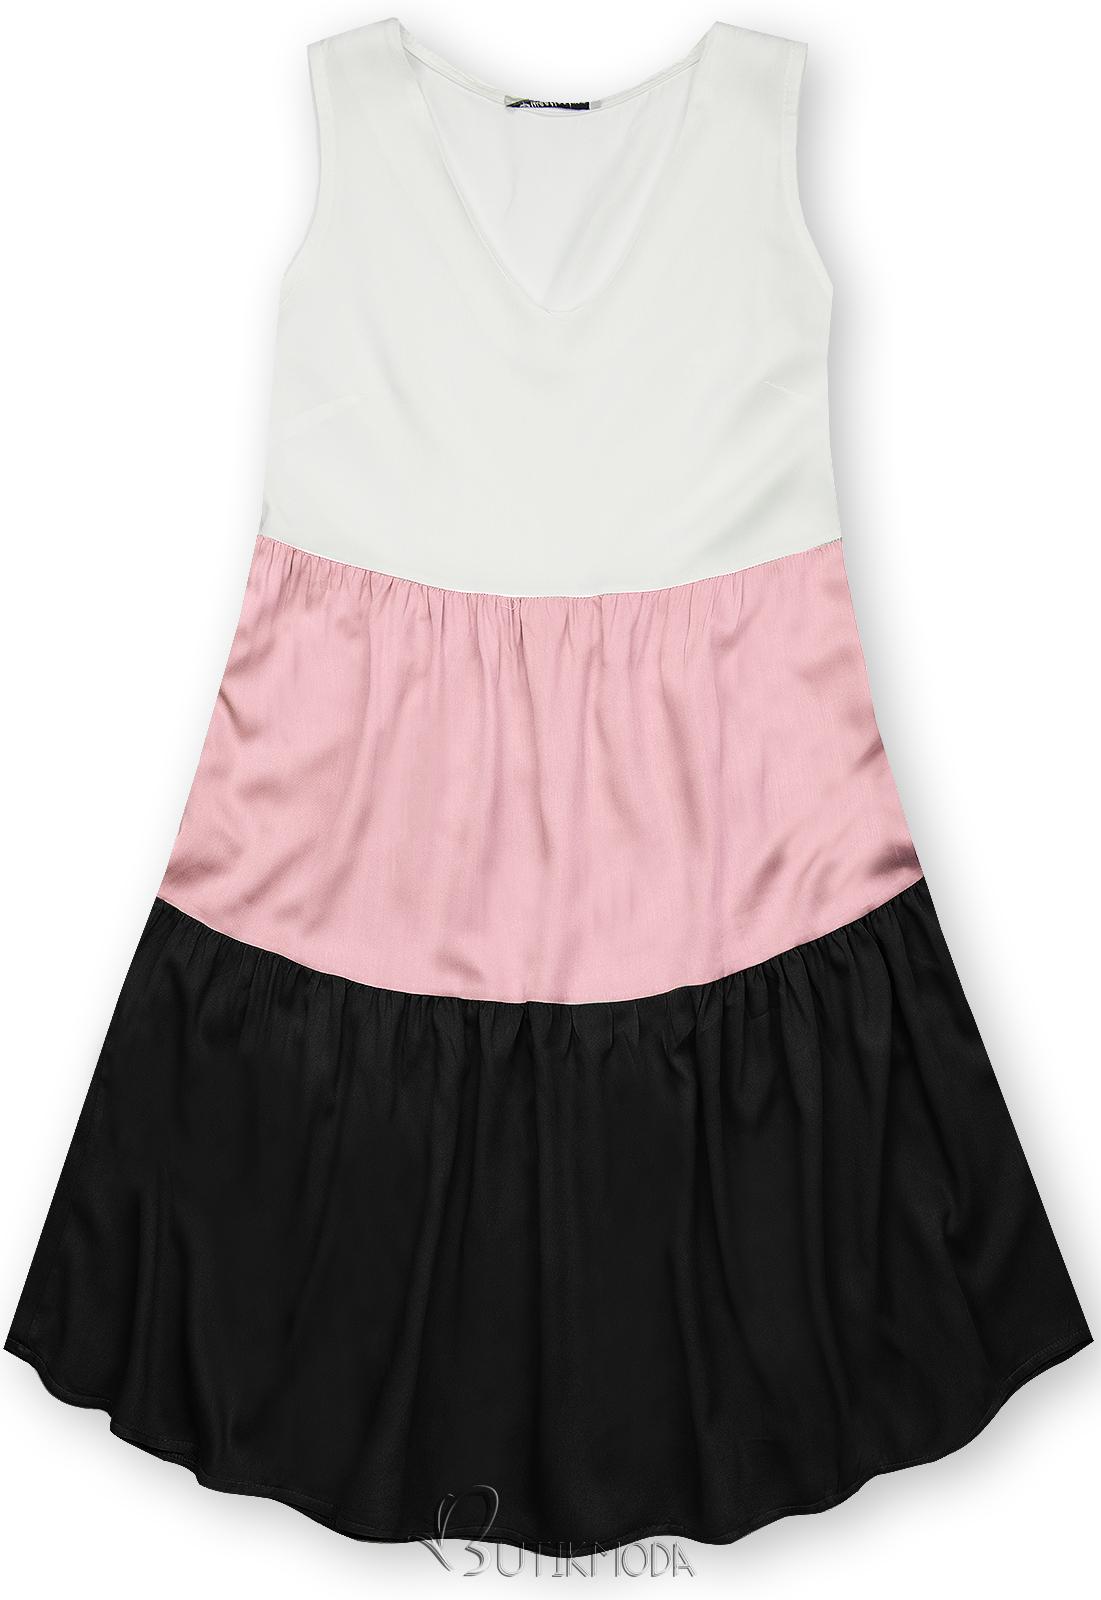 Rochie de vară din viscoză albă/roz/neagră